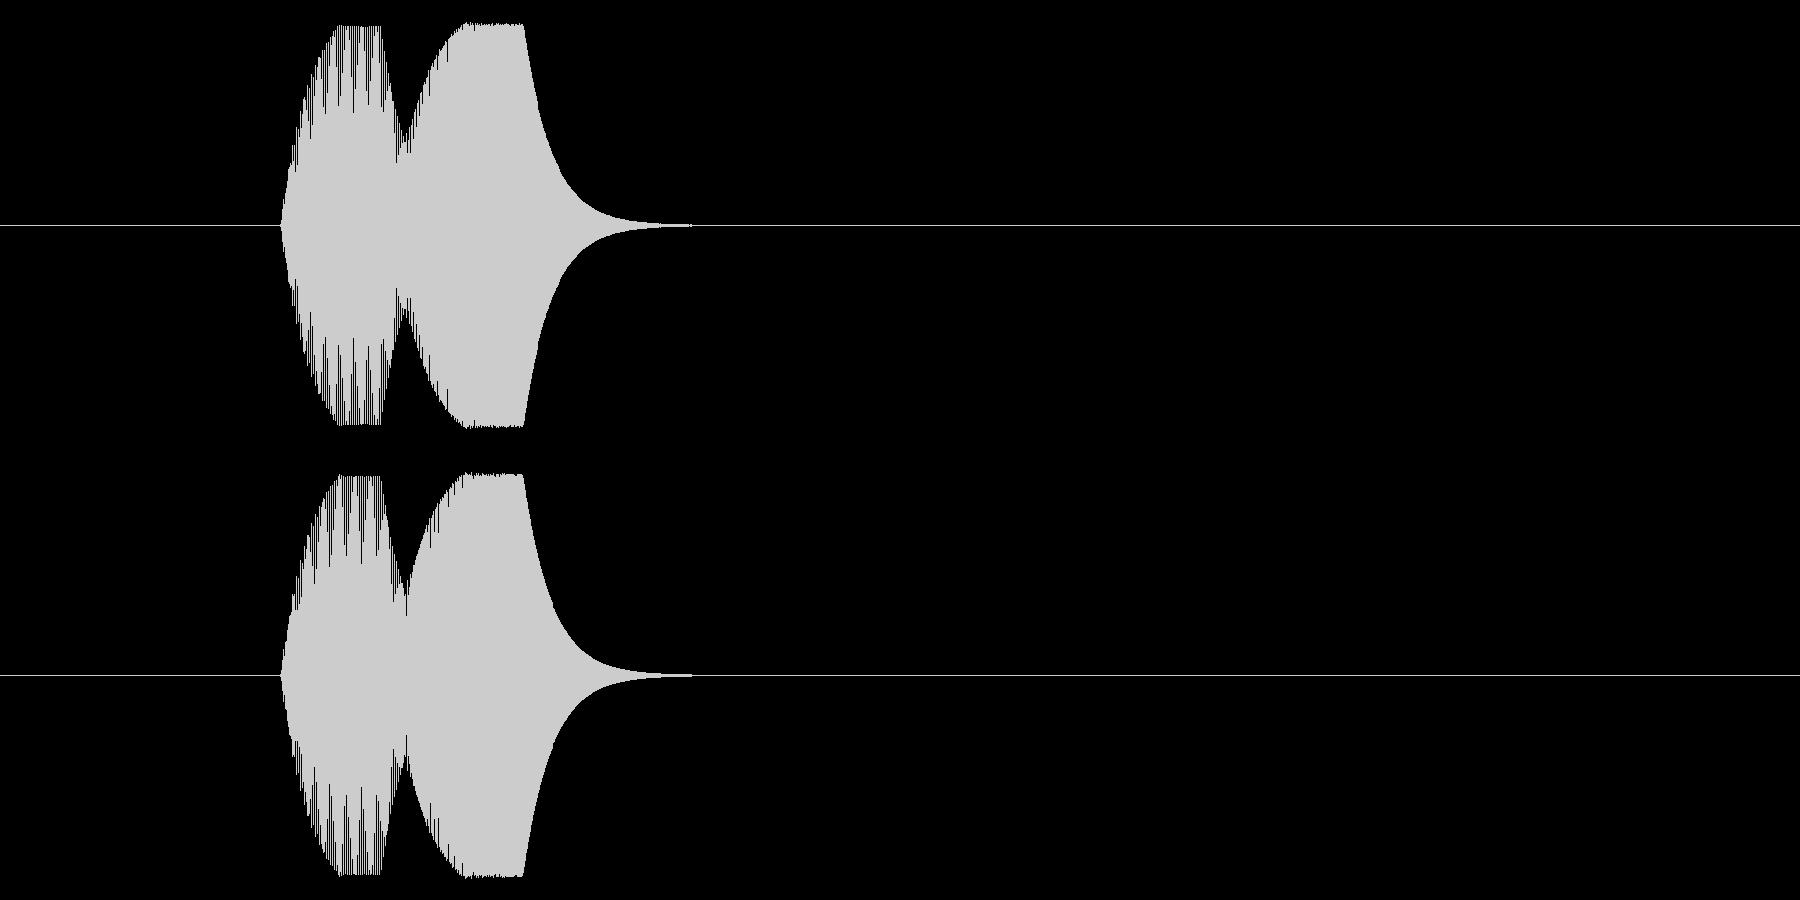 ピコン②(RPG・バトル・カーソル選択)の未再生の波形